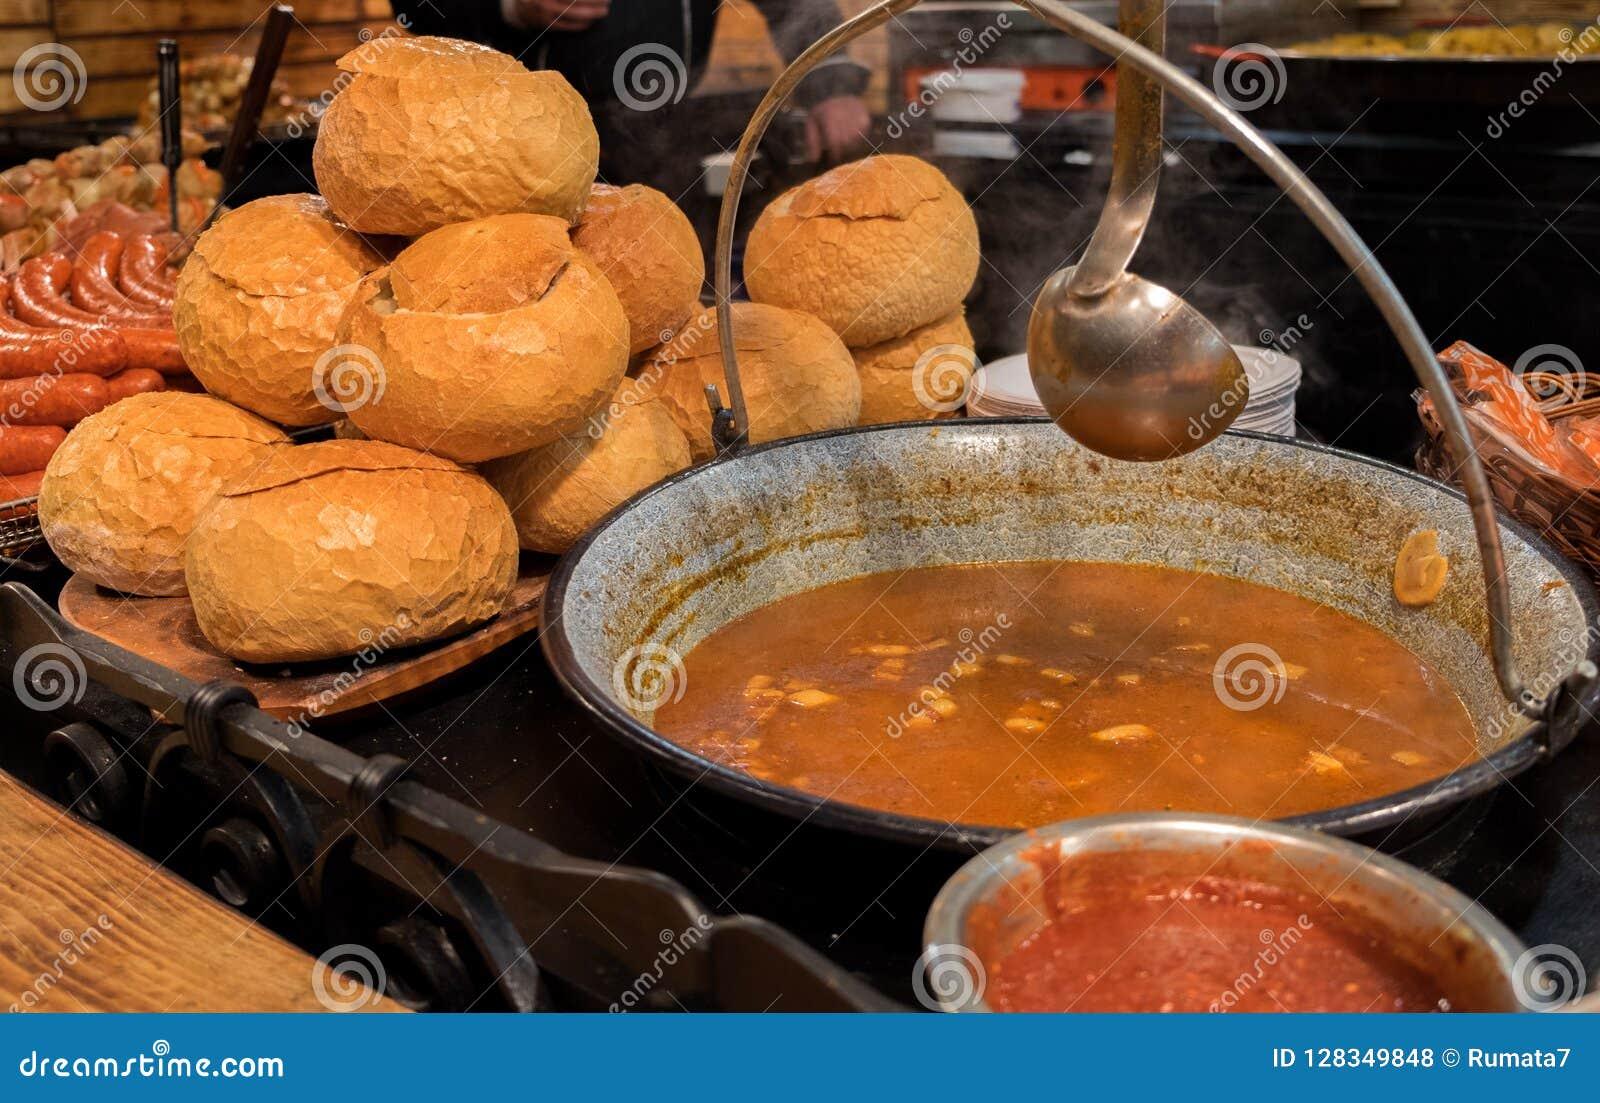 Ουγγρικό Goulash - είναι μια σούπα ή stew του κρέατος και των λαχανικών